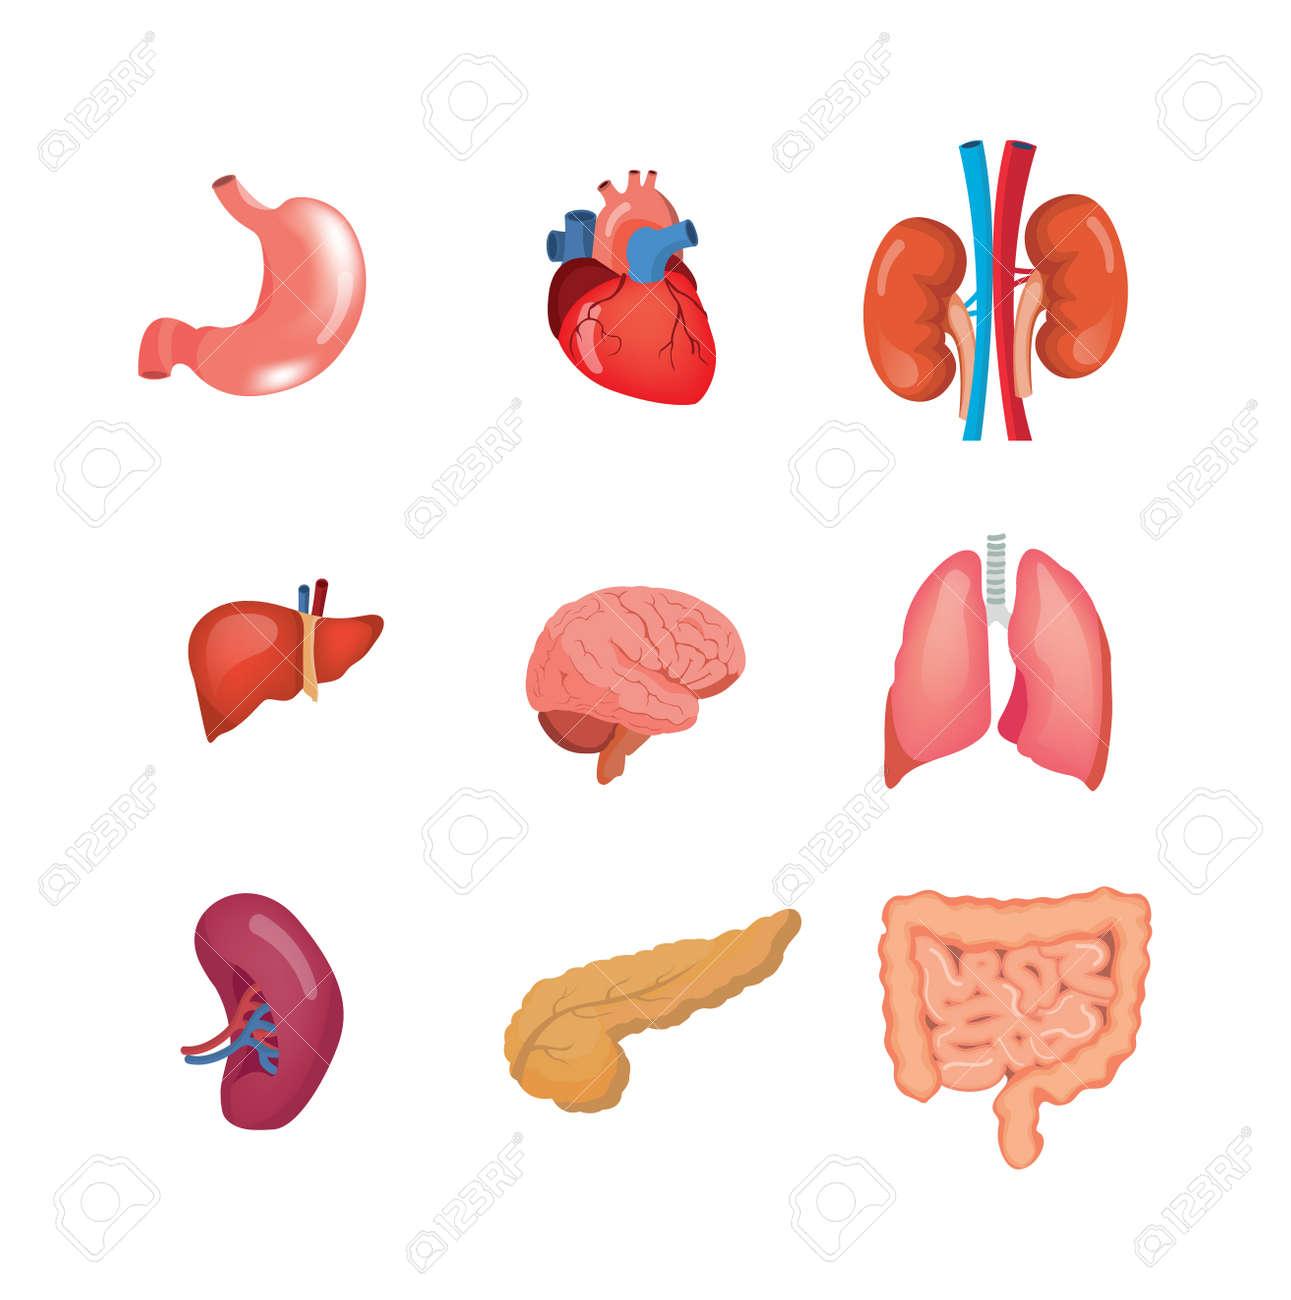 Un Conjunto De órganos De La Anatomía Humana, En La Ciencia Médica ...